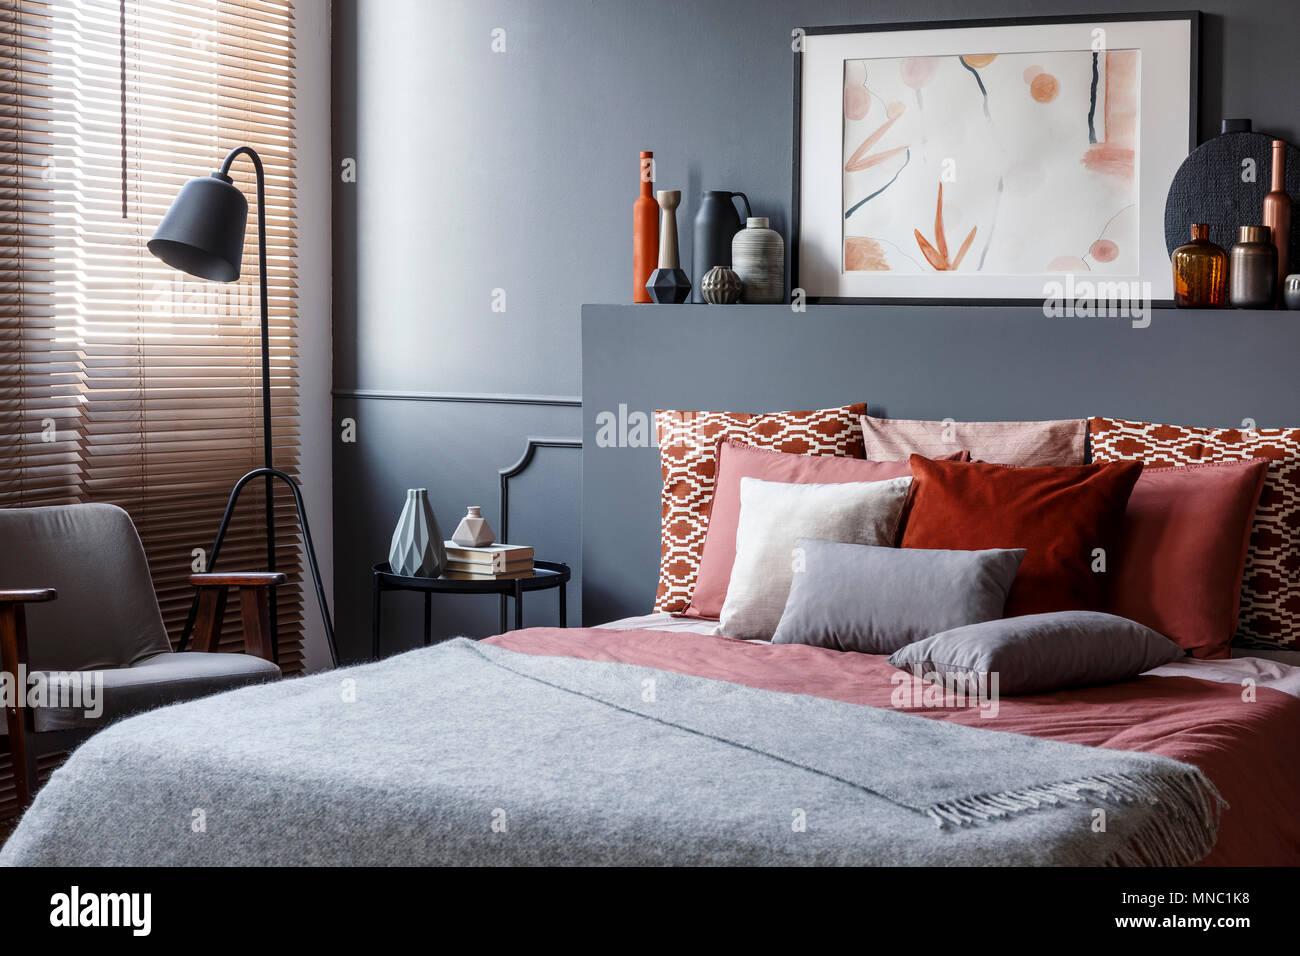 Kreative Poster Auf Schwarz Bedhead über Gemütliches Bett Mit